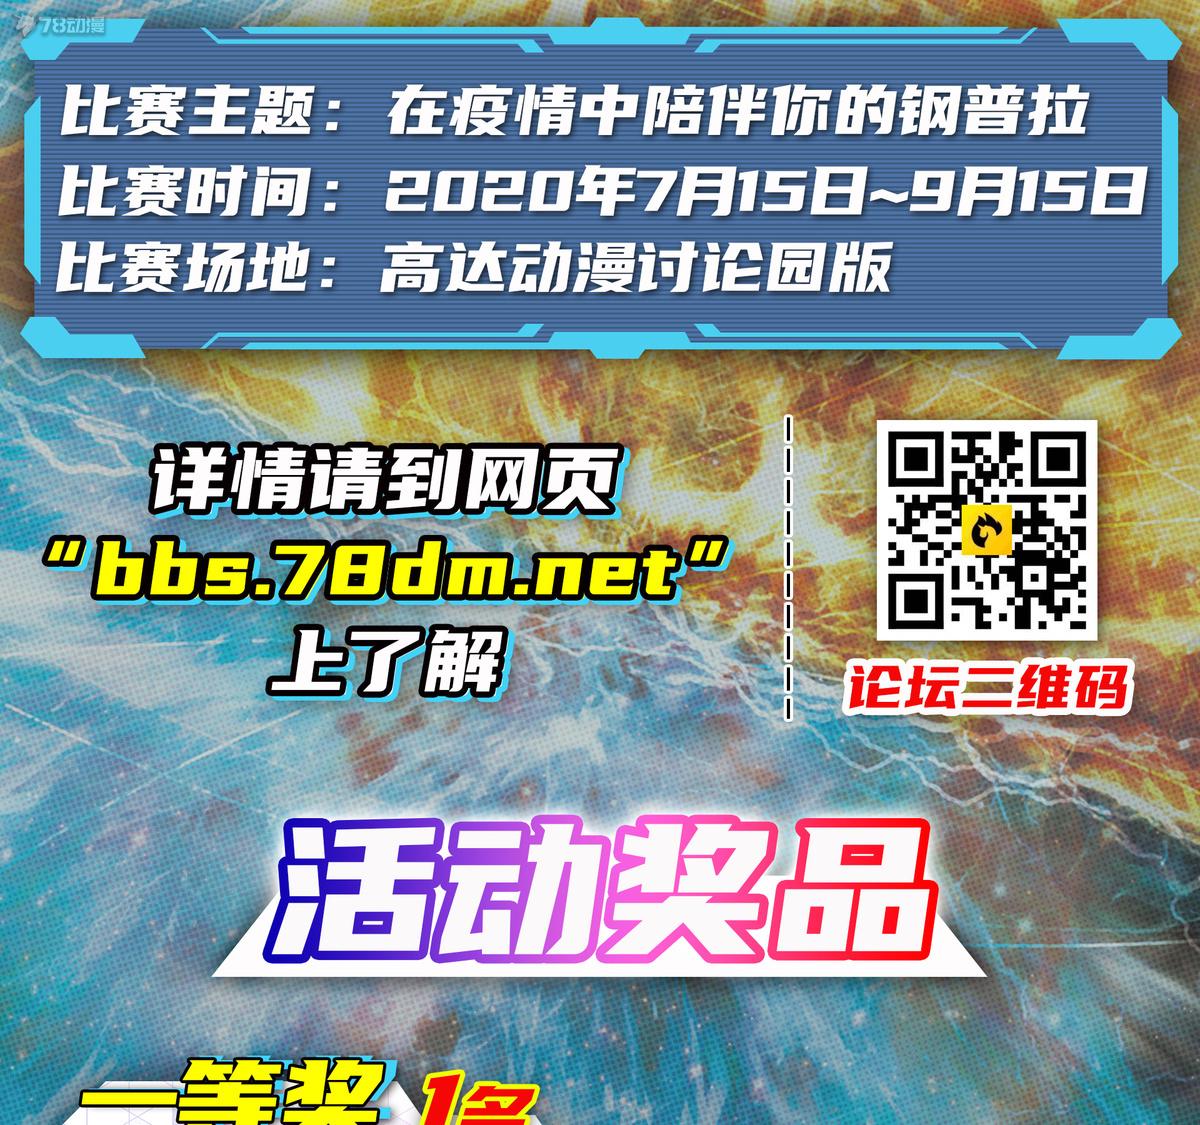 2020620_02.jpg